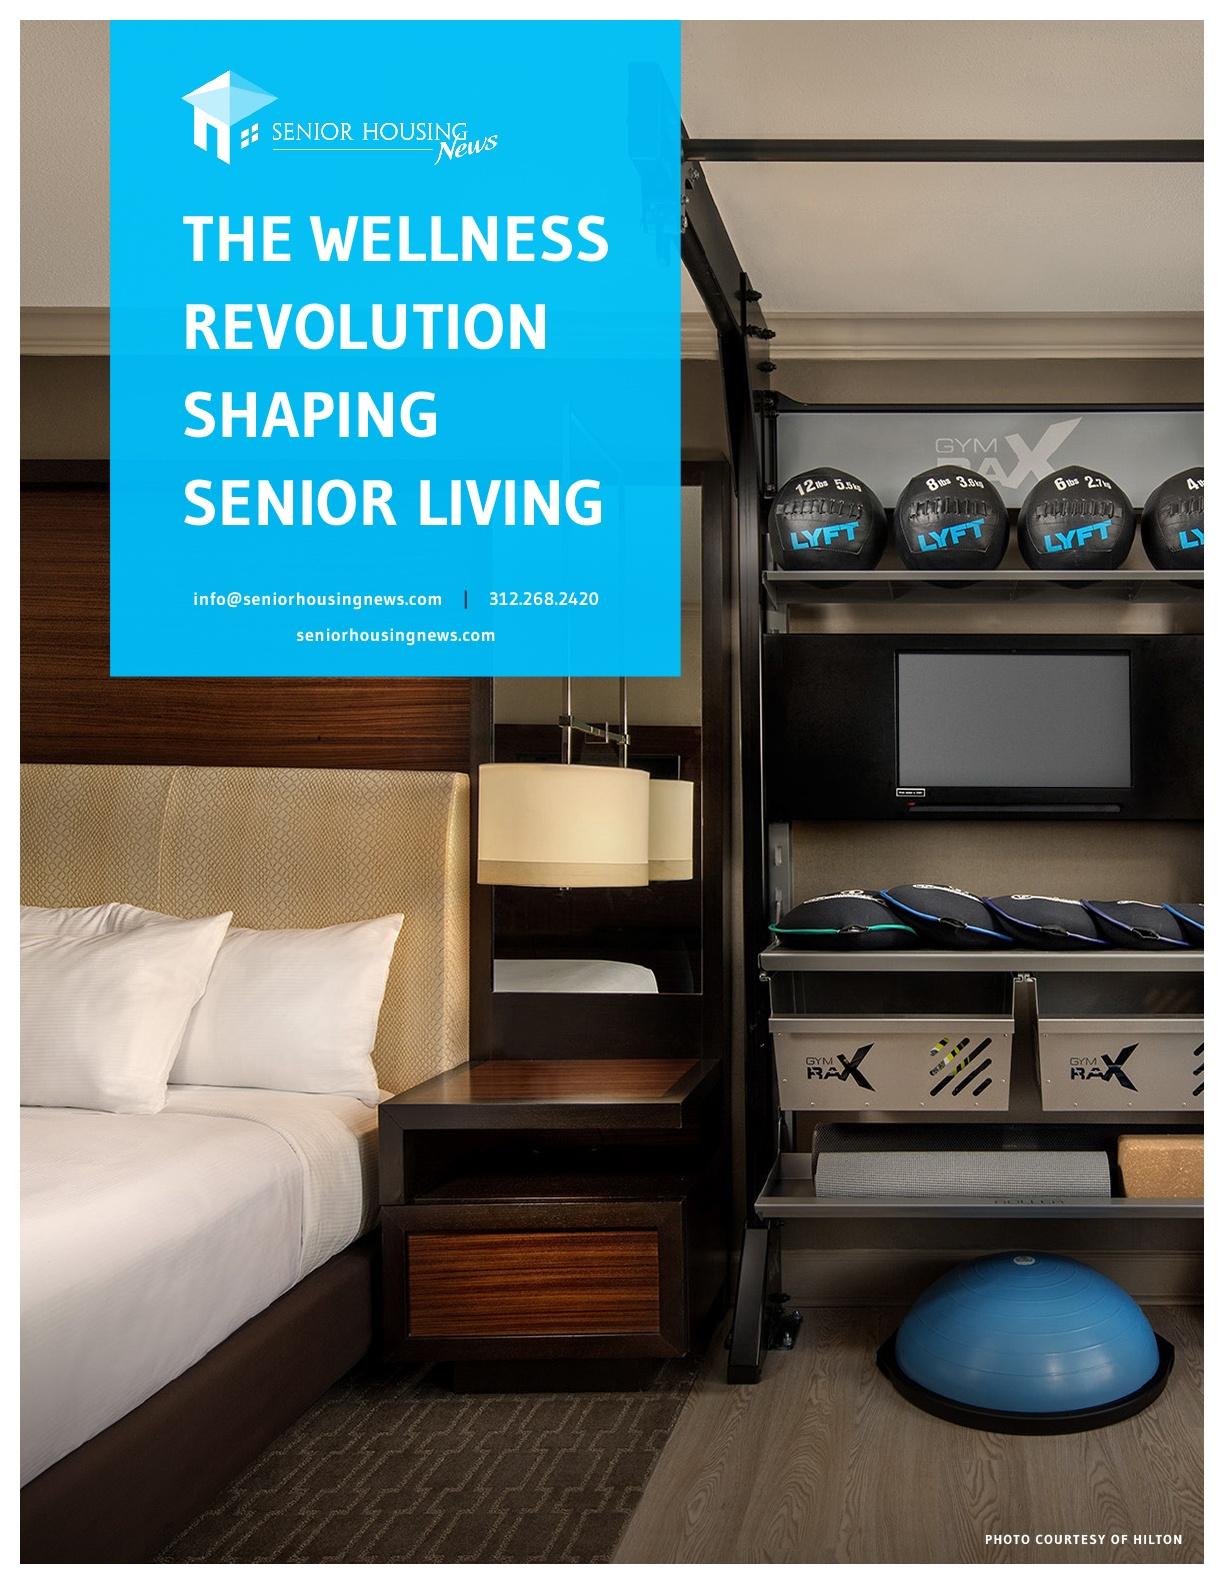 The Wellness Revolution Shaping Senior Living